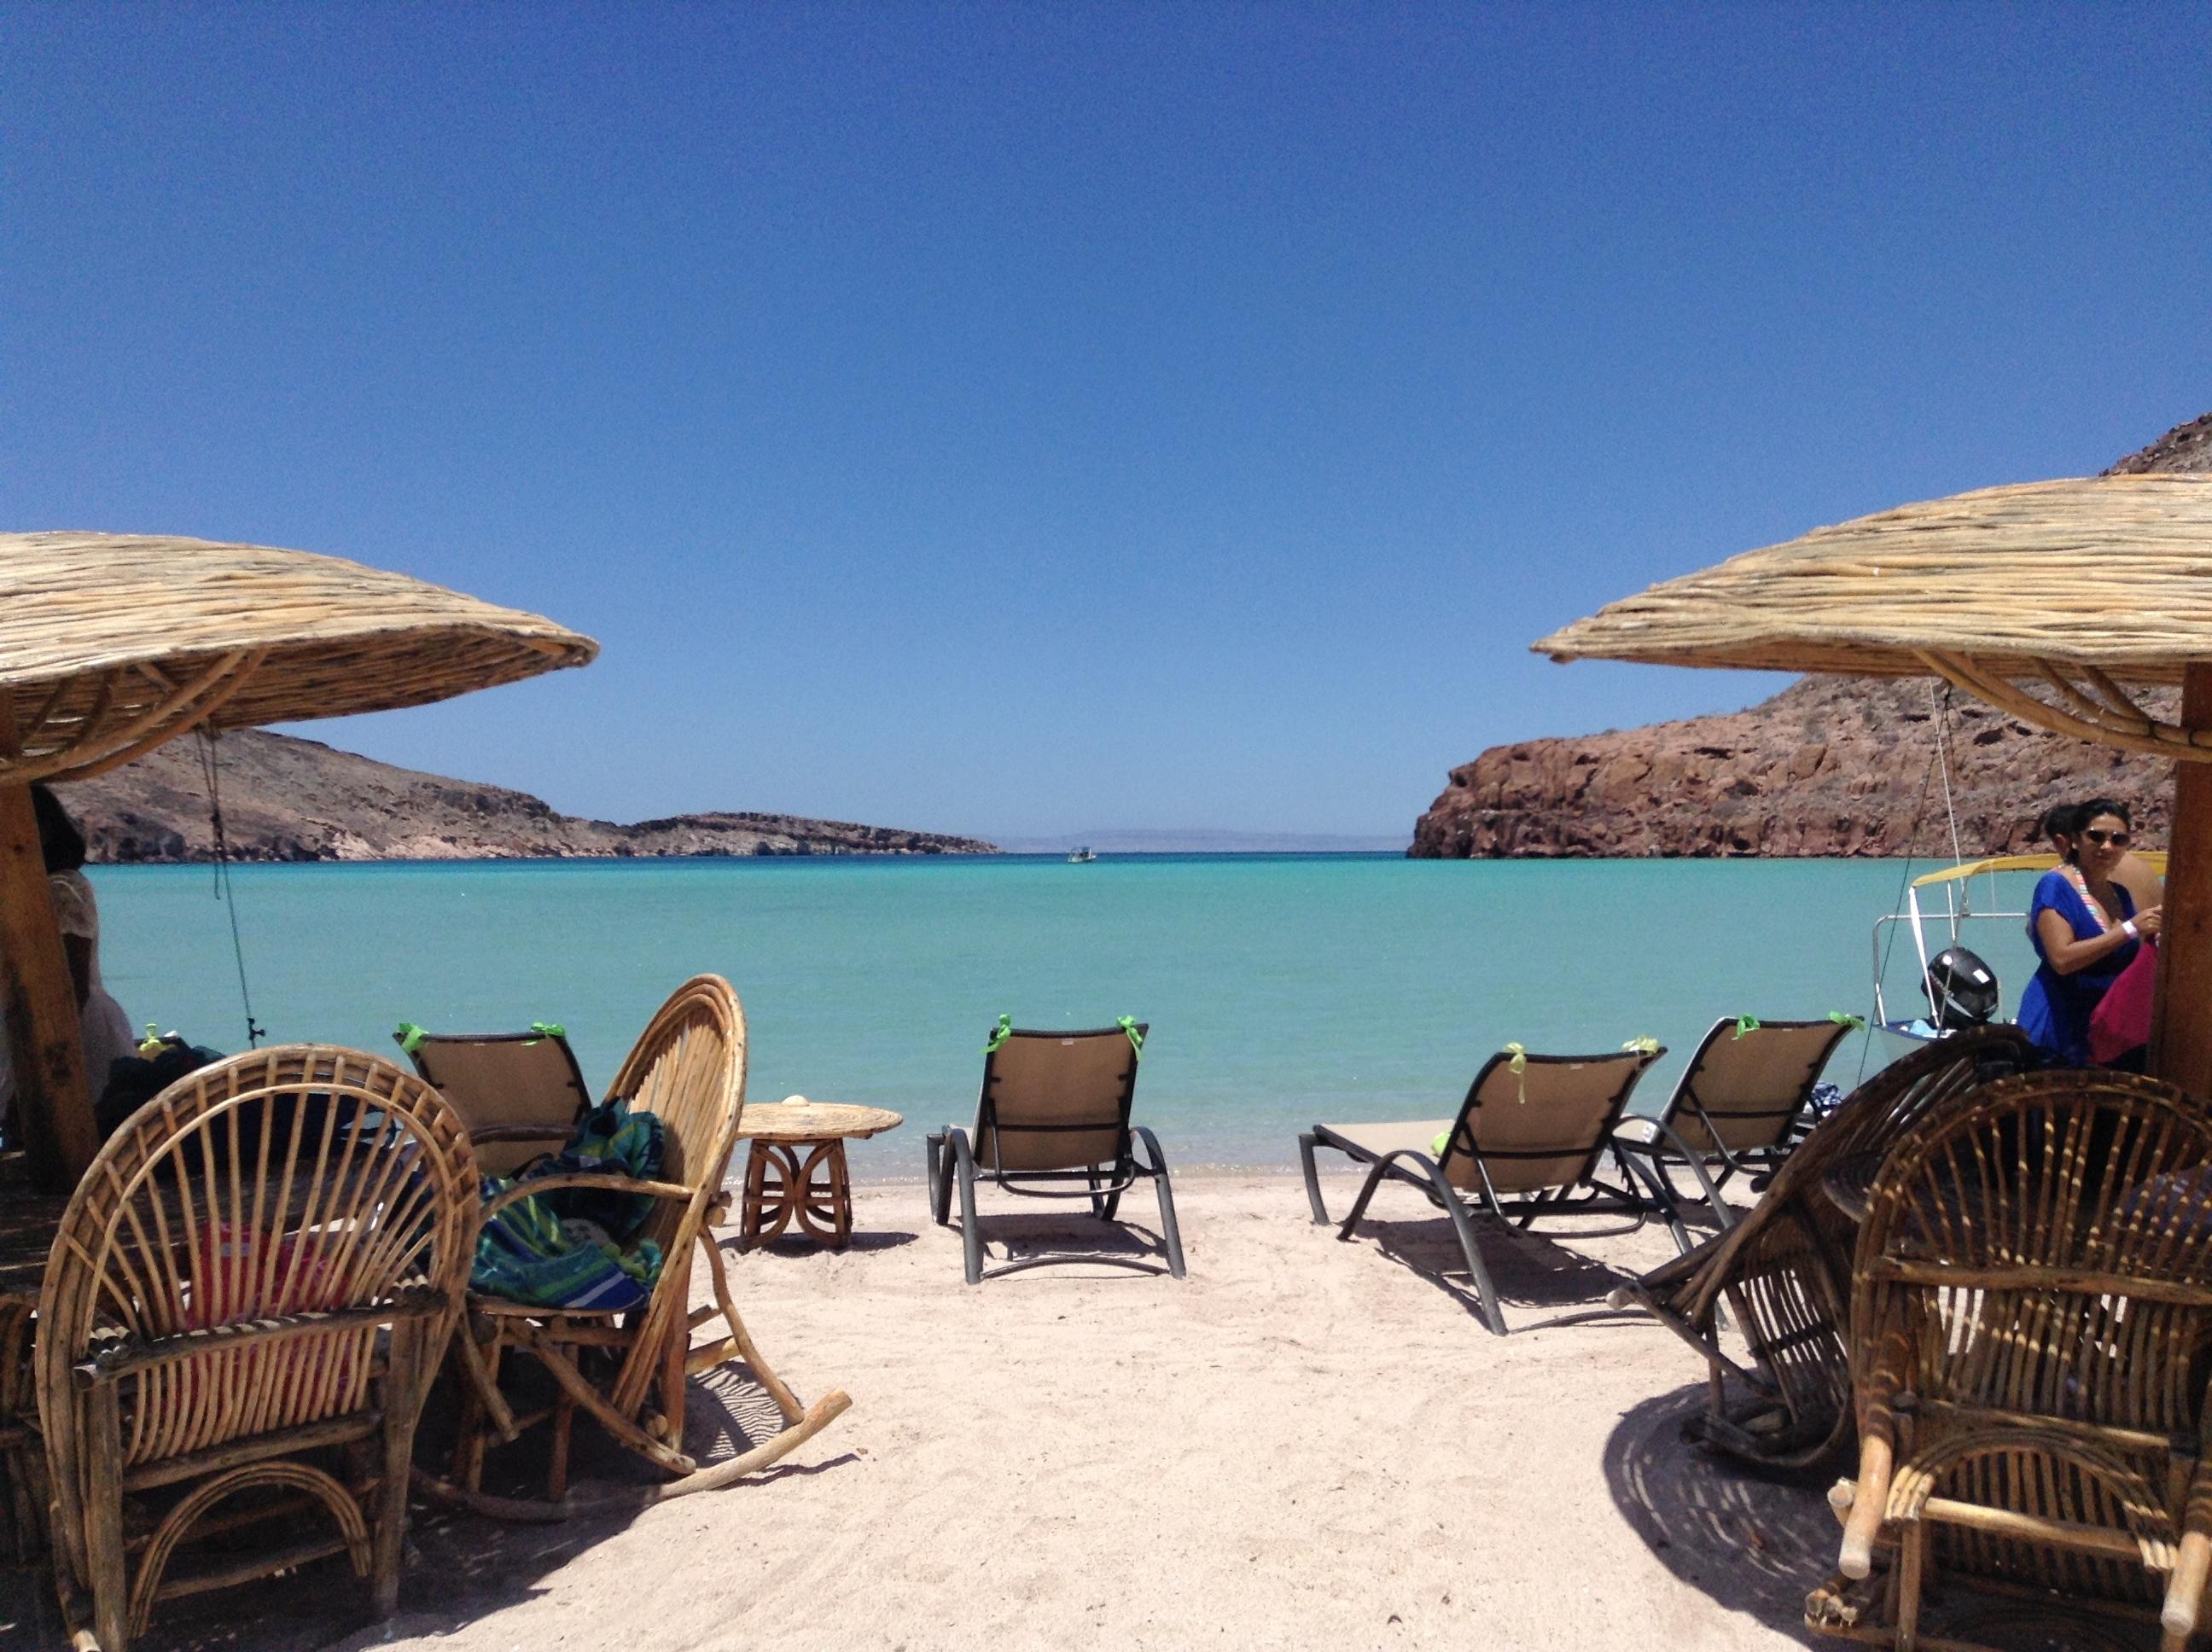 Playa en la Isla Espíritu Santo en La Paz Baja California Sur